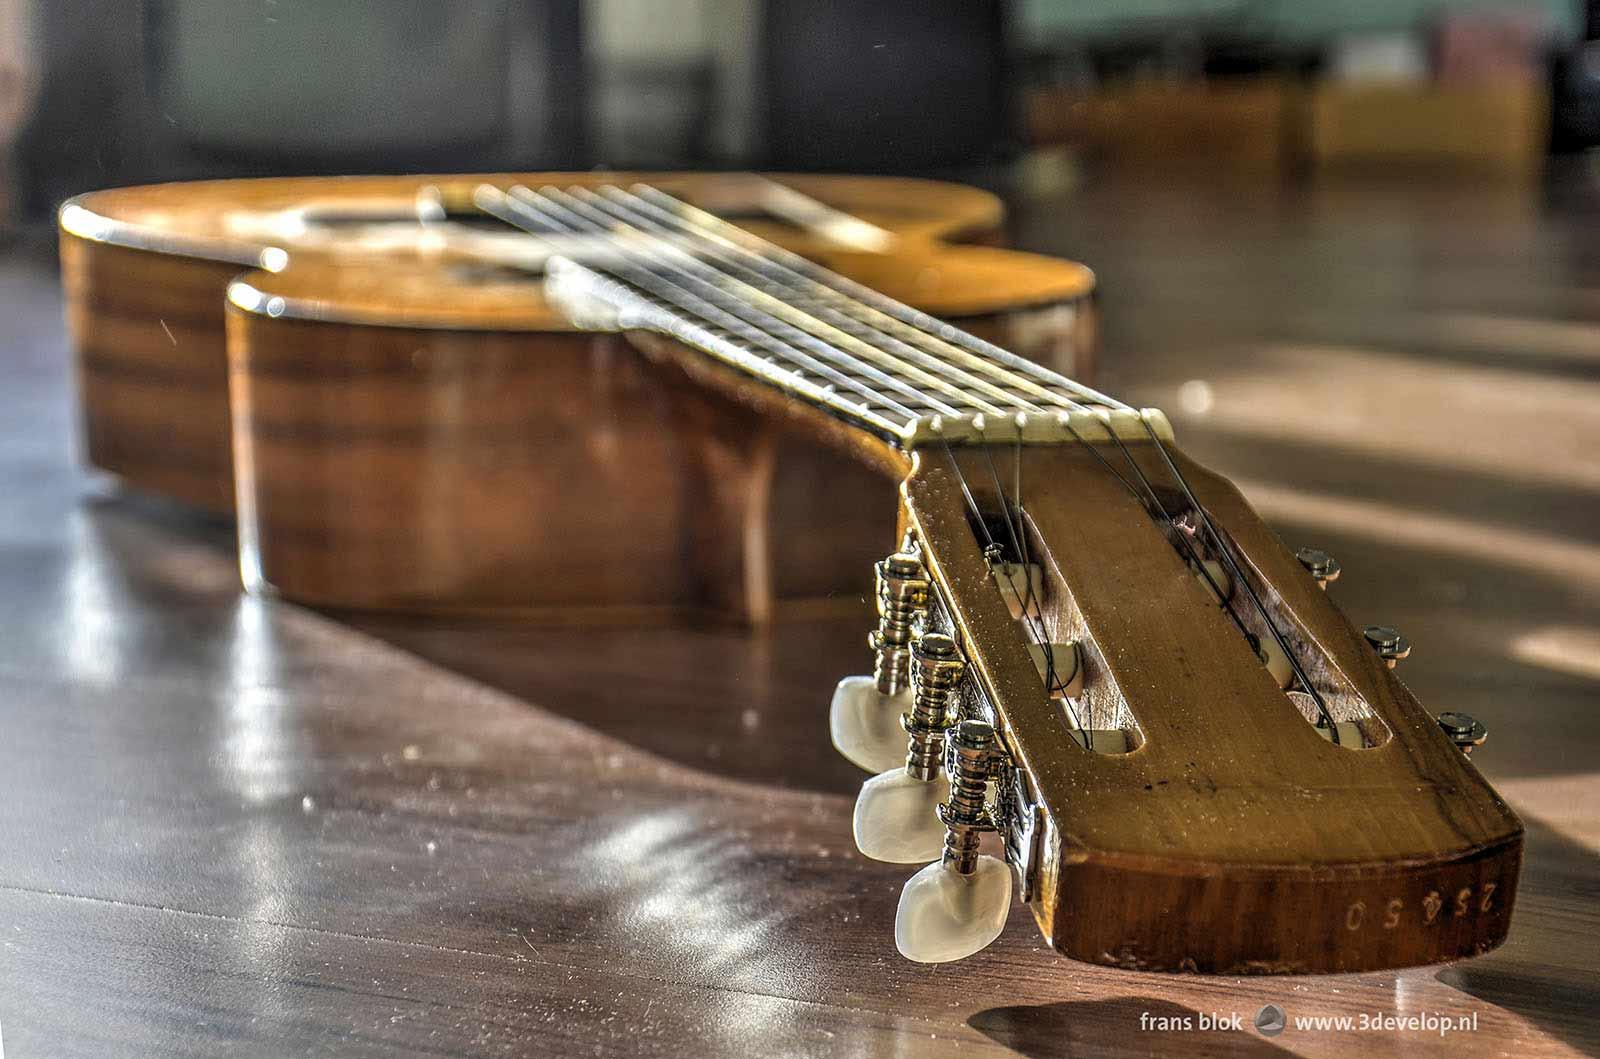 Foto van een akoestische gitaar met nieuwe stemmechanieken, liggen op een laminaatvloer.